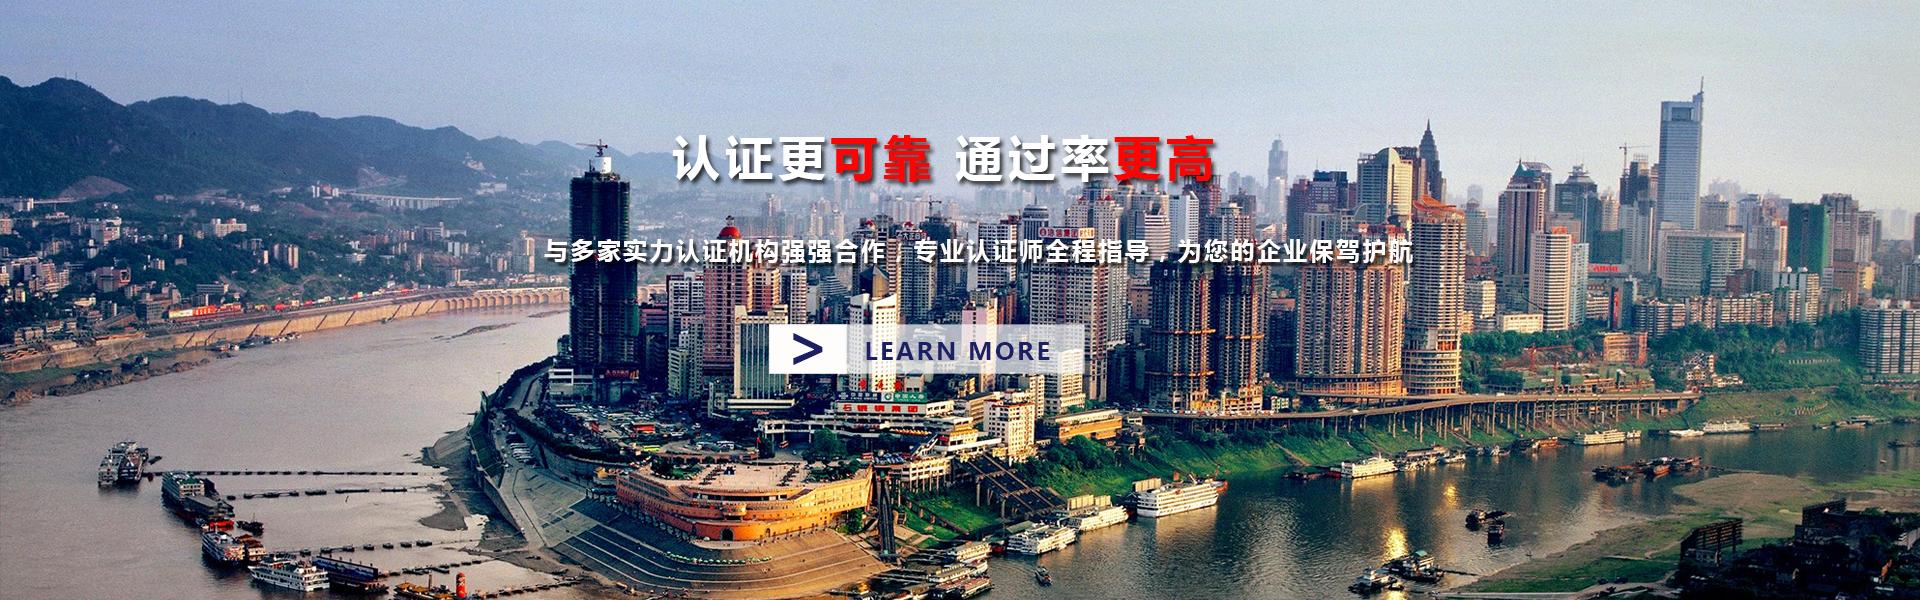 重庆ISO9001认证更为可靠,通过率也更高